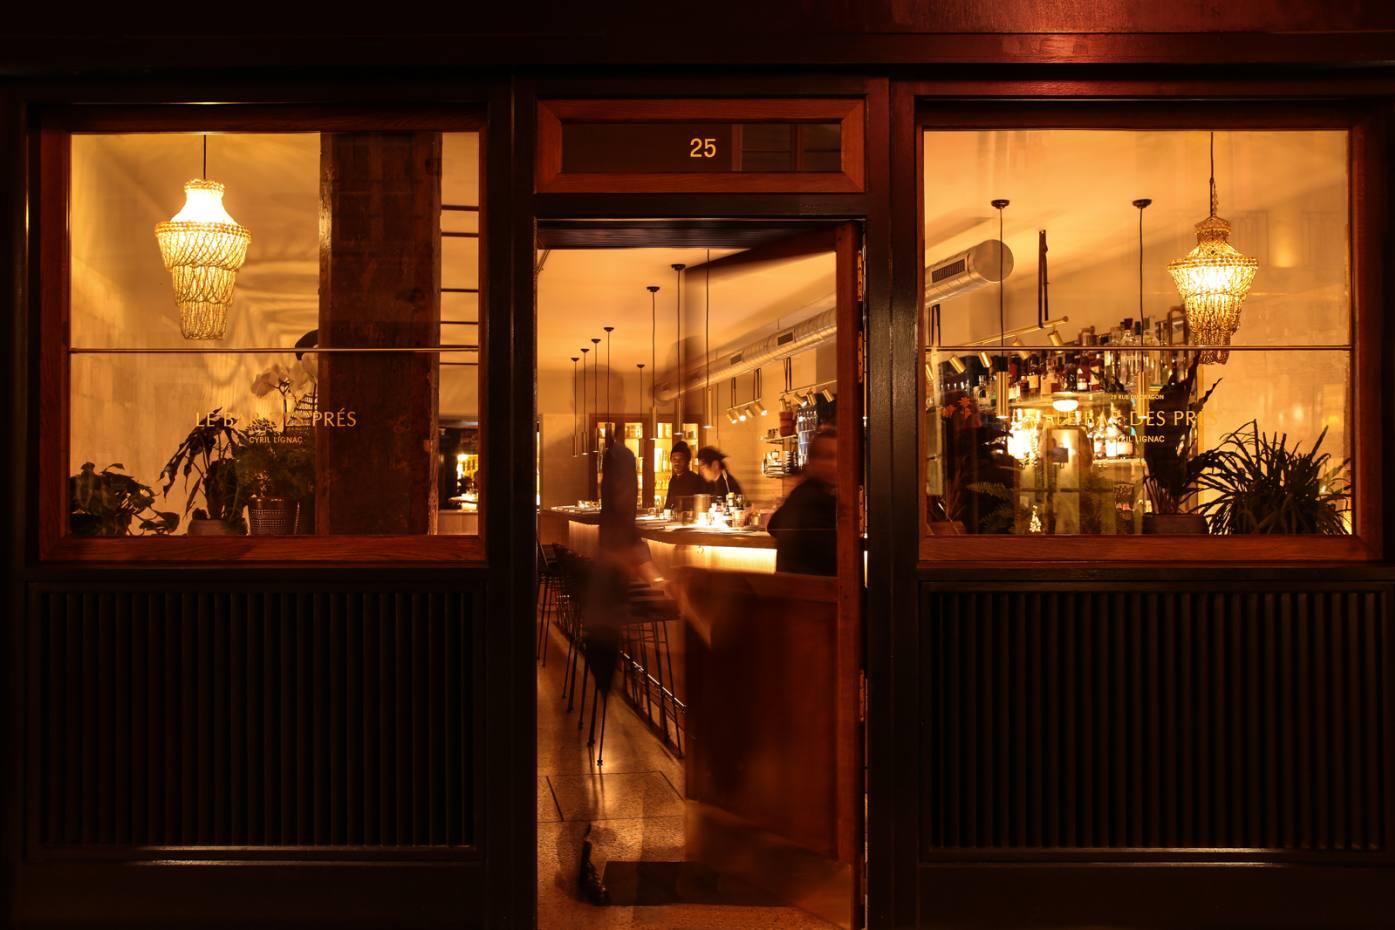 Le Bar des Prés is a smart bijou restaurant on Rue du Dragon